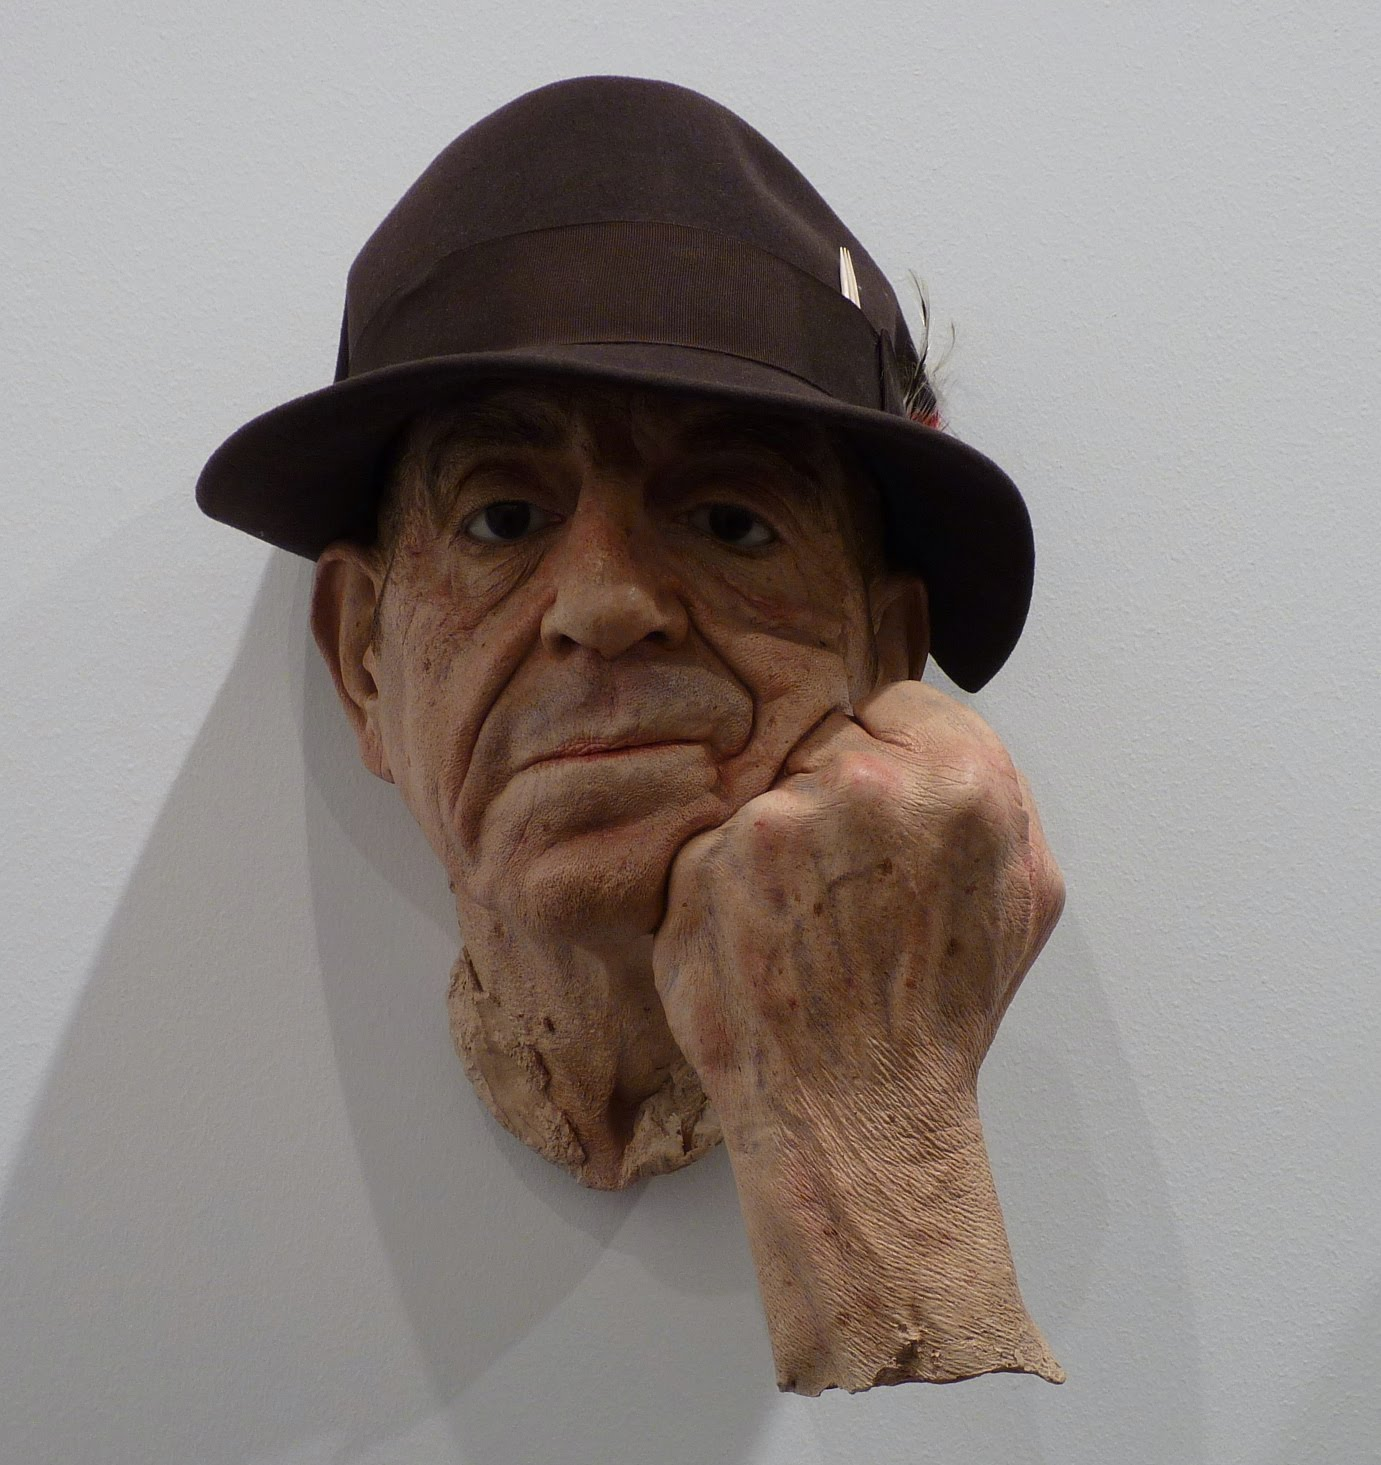 marc sijan 5 8 скульпторов, создающих самые невероятные гиперреалистичные скульптуры